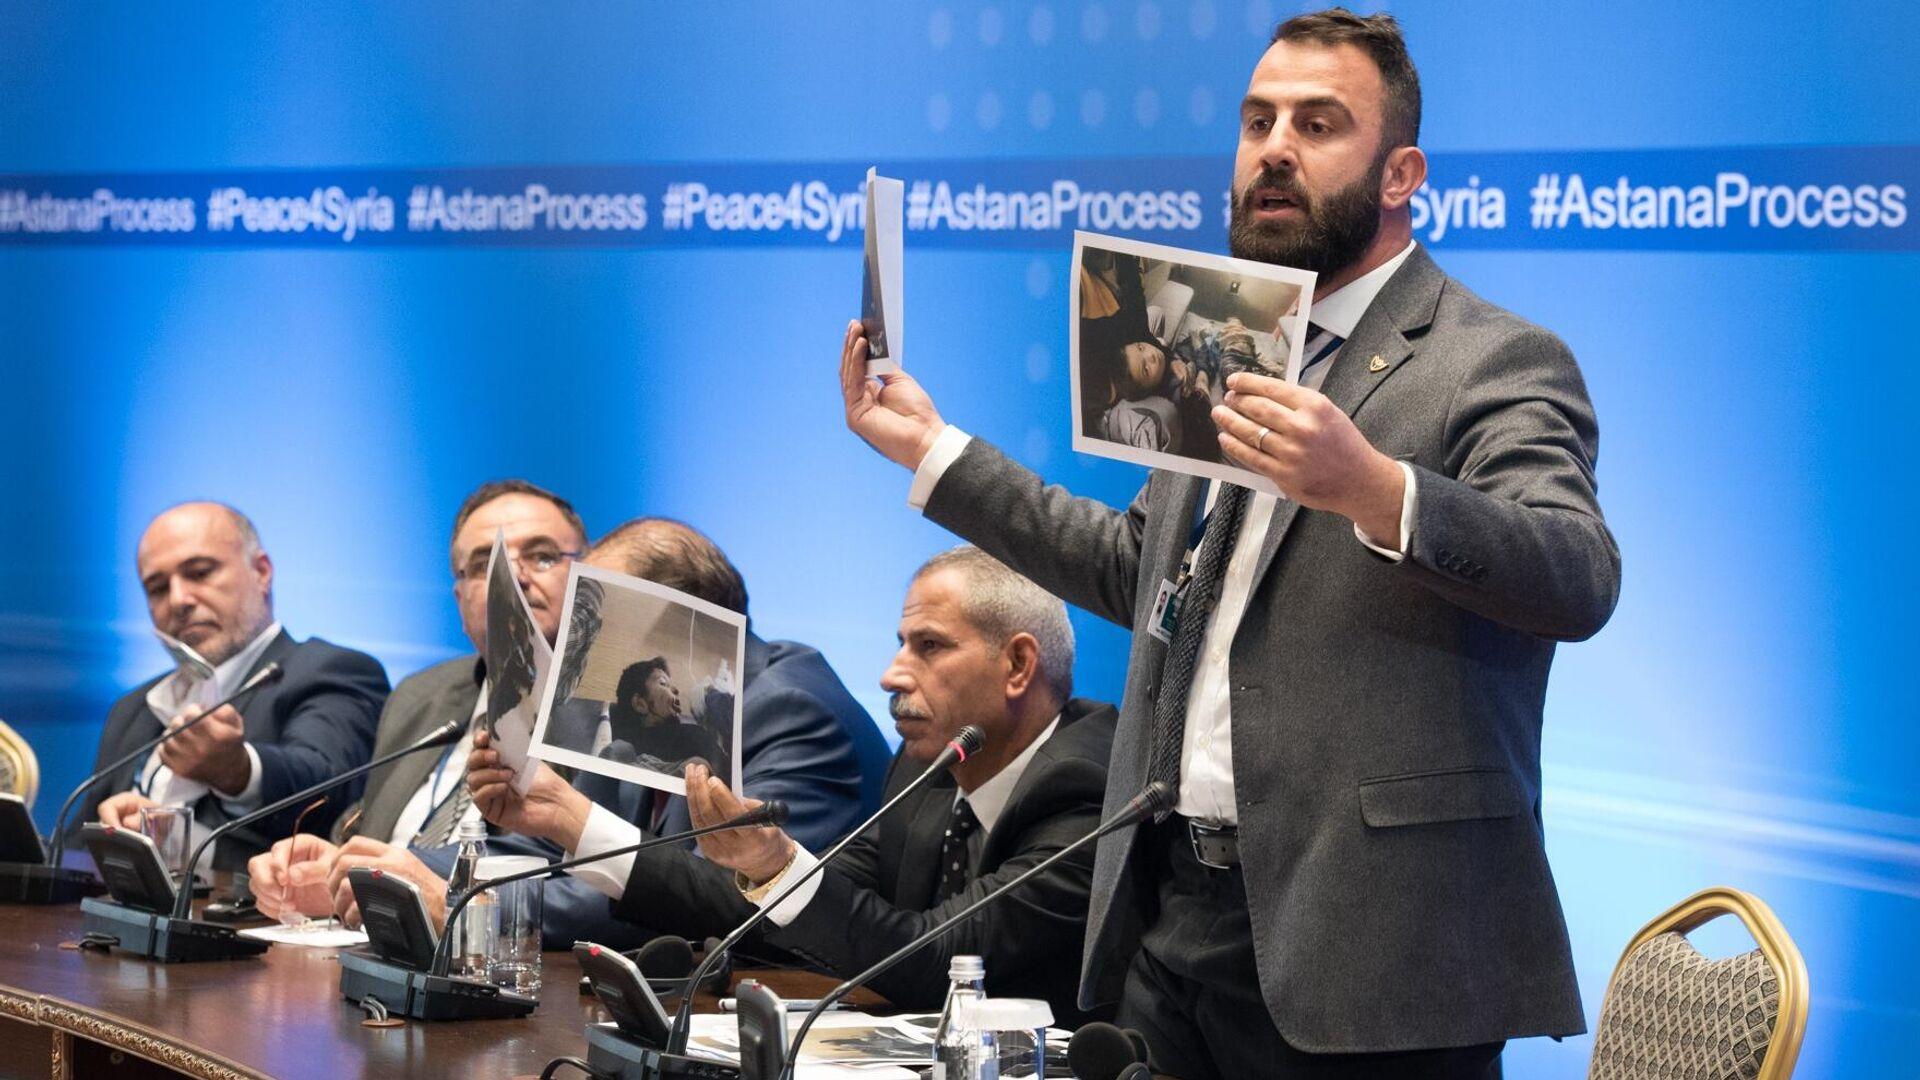 Участники заседания совместной оперативной группы по сирийскому урегулированию на международной встрече в Астане  - РИА Новости, 1920, 16.02.2021